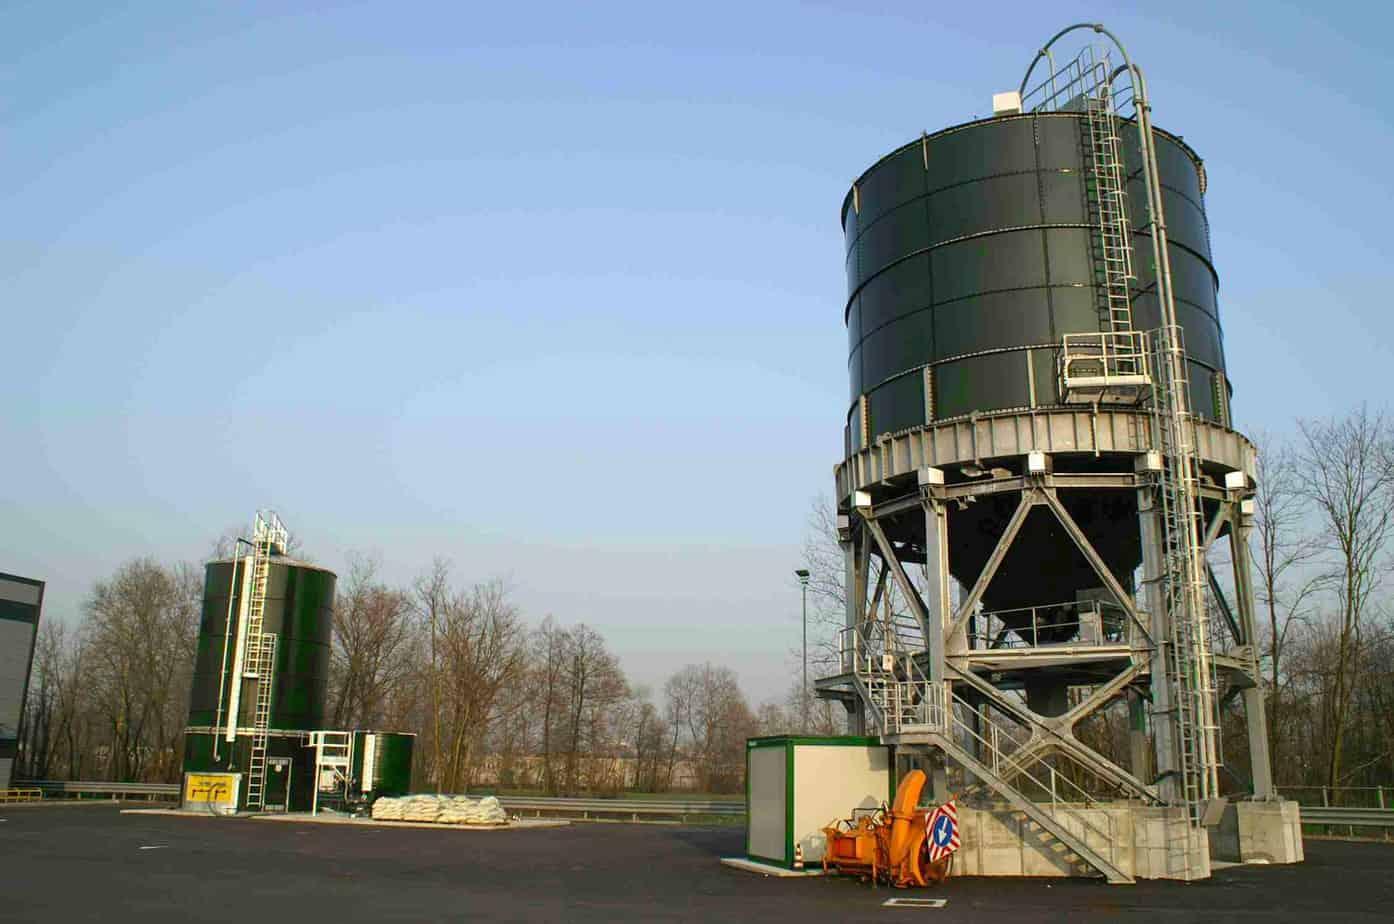 L'impianto Self Service del sale da 750 t con impianto per la preparazione in house e lo stoccaggio delle soluzioni saline da 140.000 l (Autostrade per l'Italia, P.M. Como)